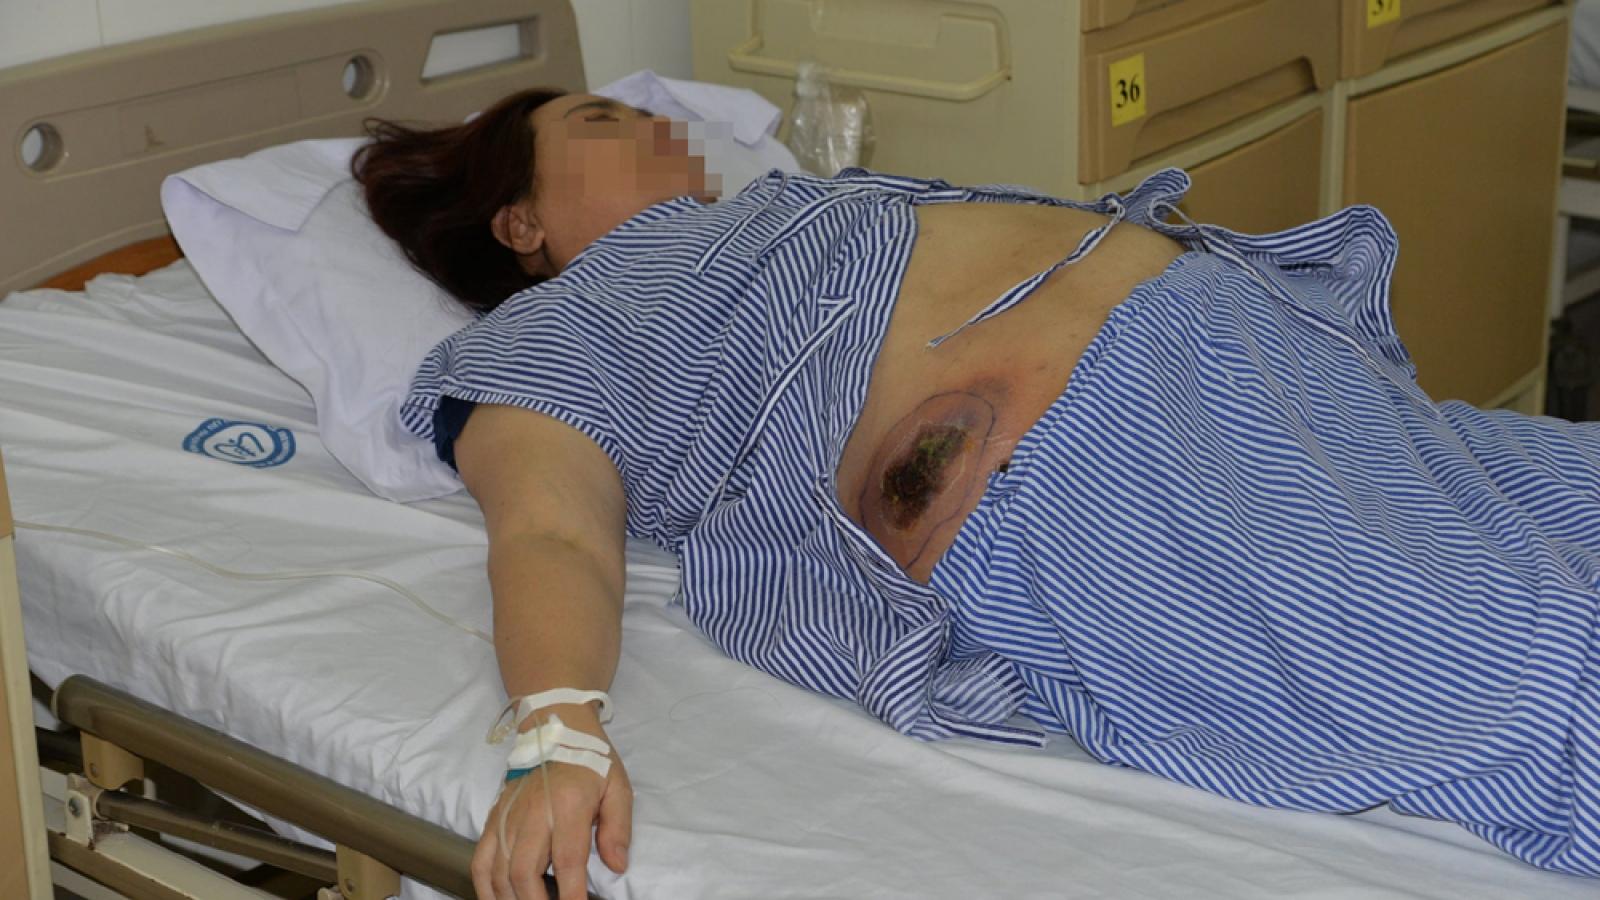 Dùng thuốc trôi nổi, người bệnh đái tháo đường phải nhập viện vì nhiễm trùng